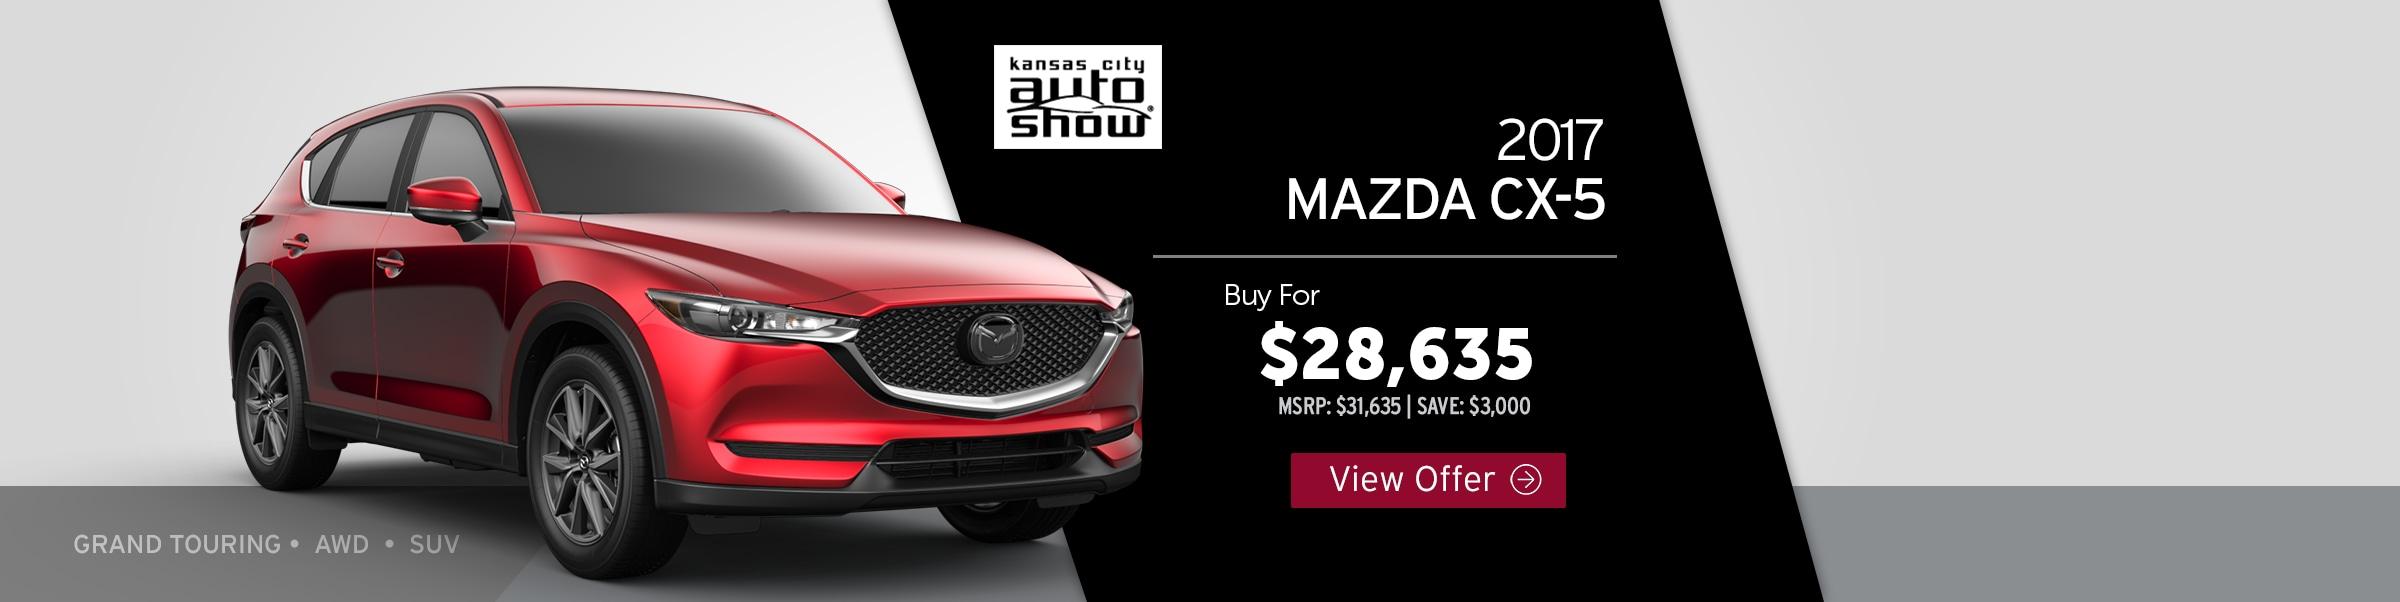 New and Used Mazda dealership in Kansas City | Premier Mazda ...